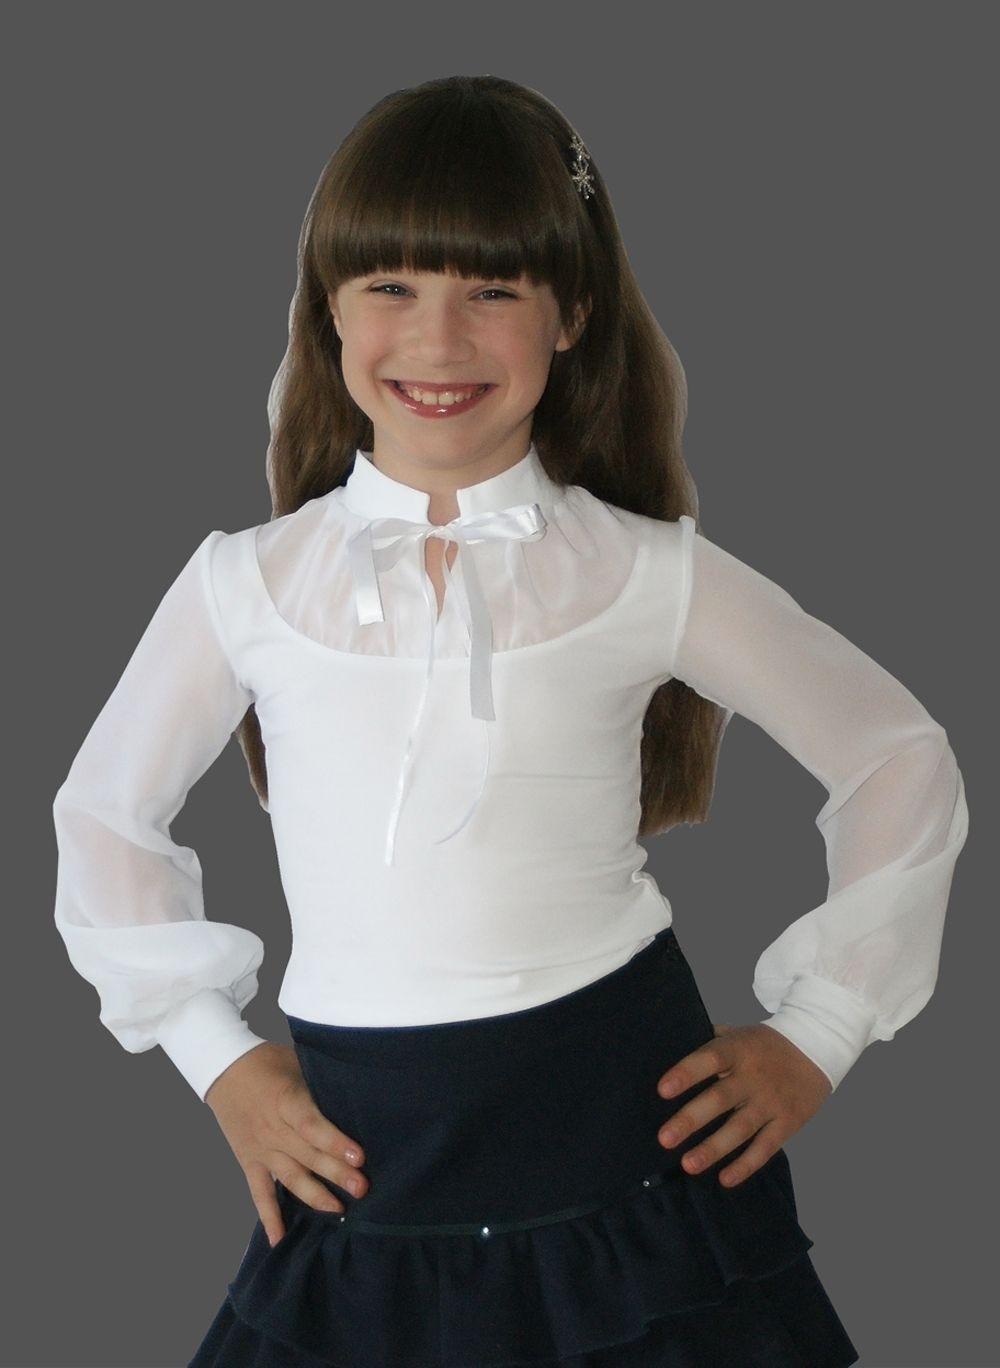 Сбор заказов. Одежда для детей М@ттiель-3. Готовимся к школе! Нарядные блузки и джемпера, праздничные платья, коллекция Лето-2015! Мальчиковые модельки. Супер качество на рост до 152см! Без рядов. Есть отзывы. Гарантия по цвету!